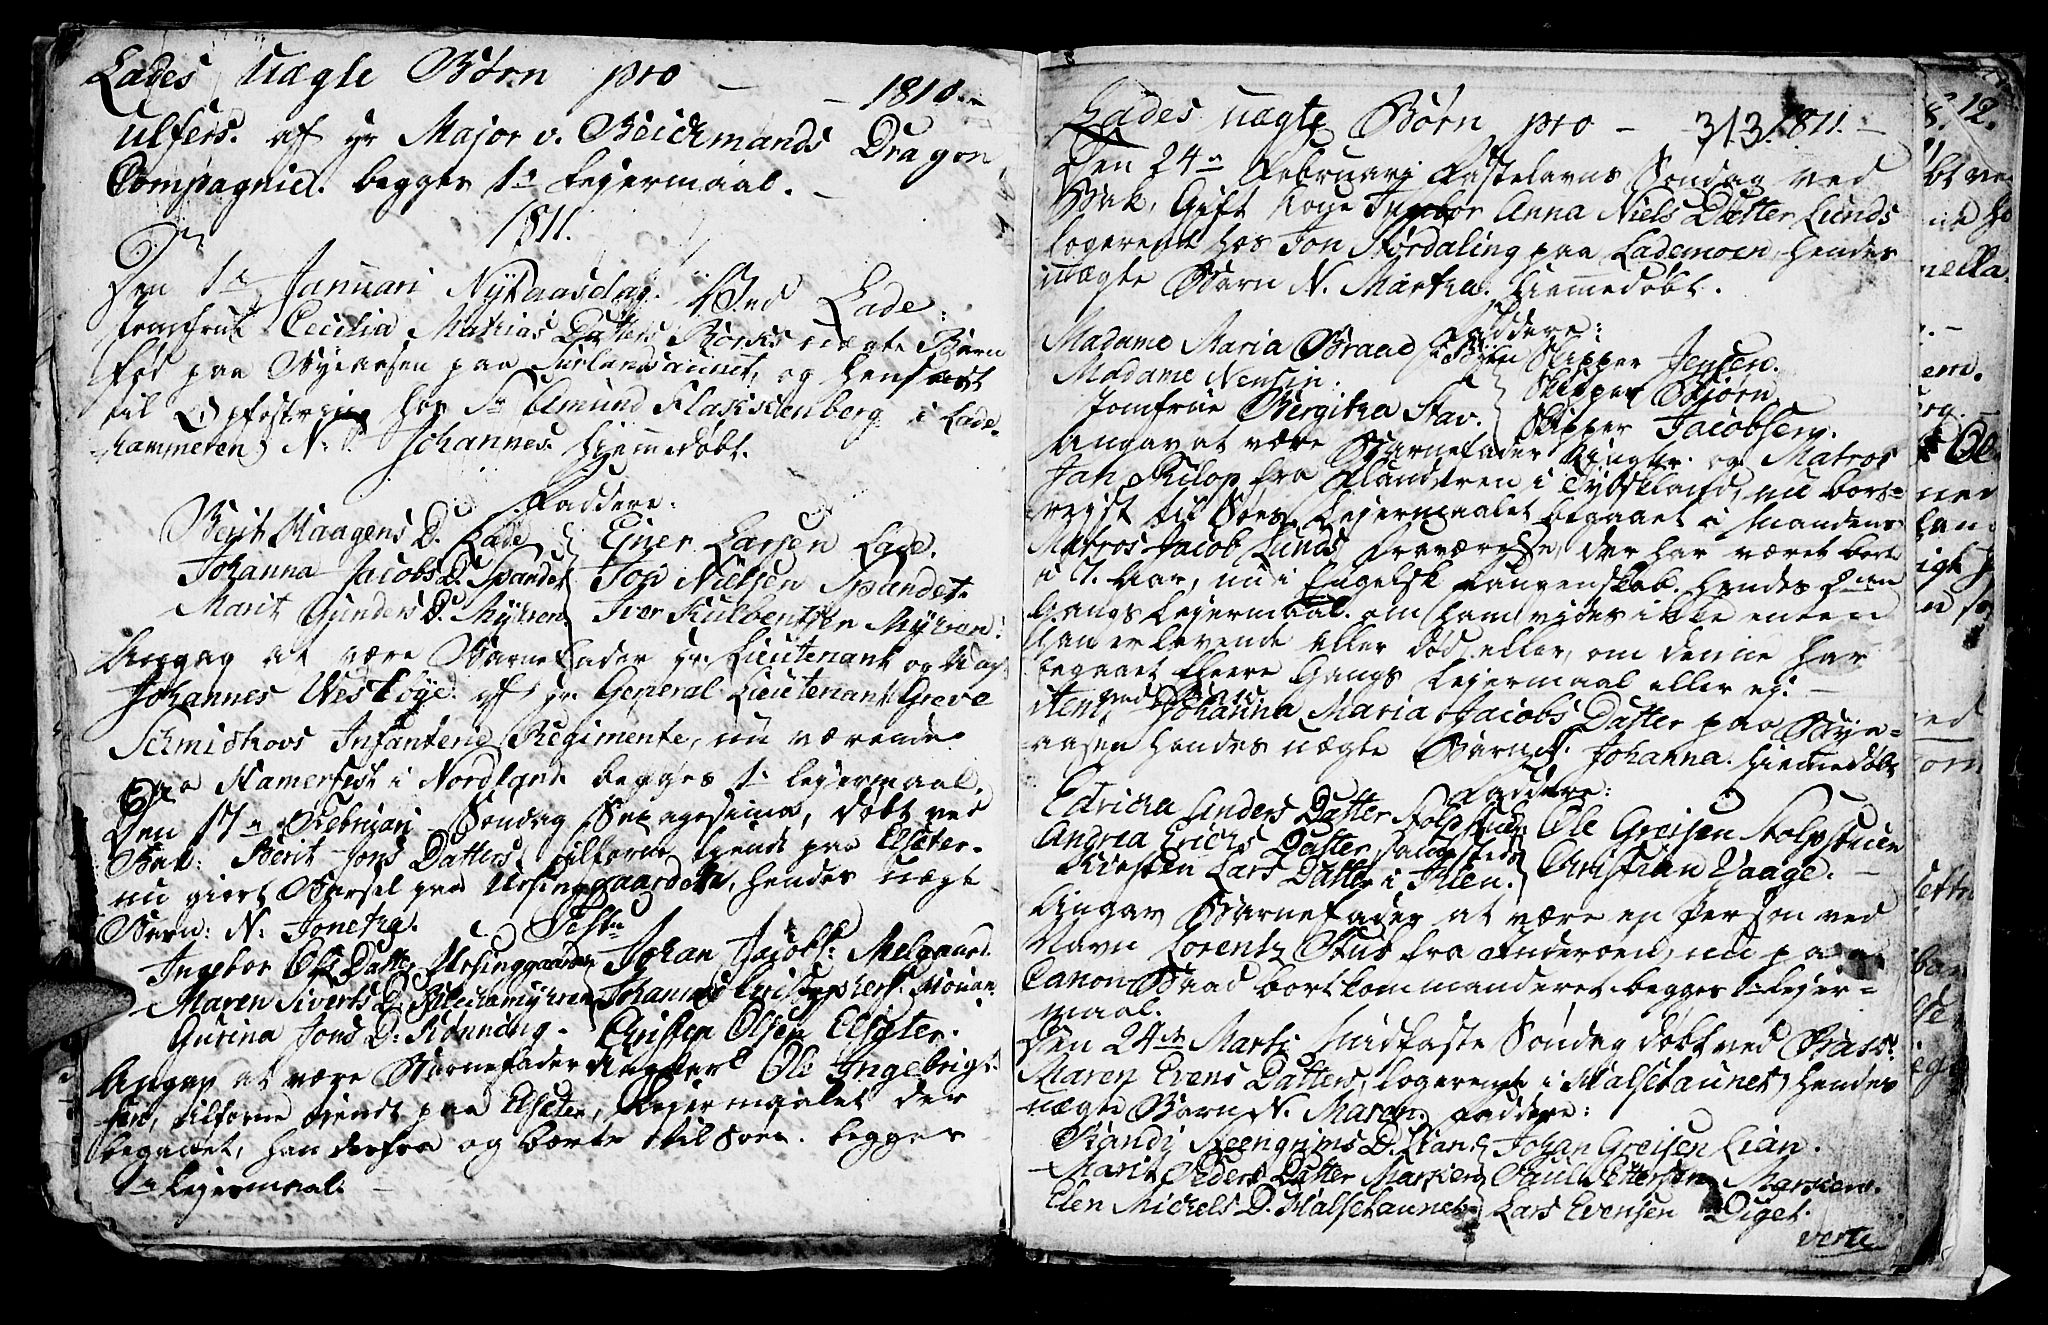 SAT, Ministerialprotokoller, klokkerbøker og fødselsregistre - Sør-Trøndelag, 606/L0305: Klokkerbok nr. 606C01, 1757-1819, s. 313